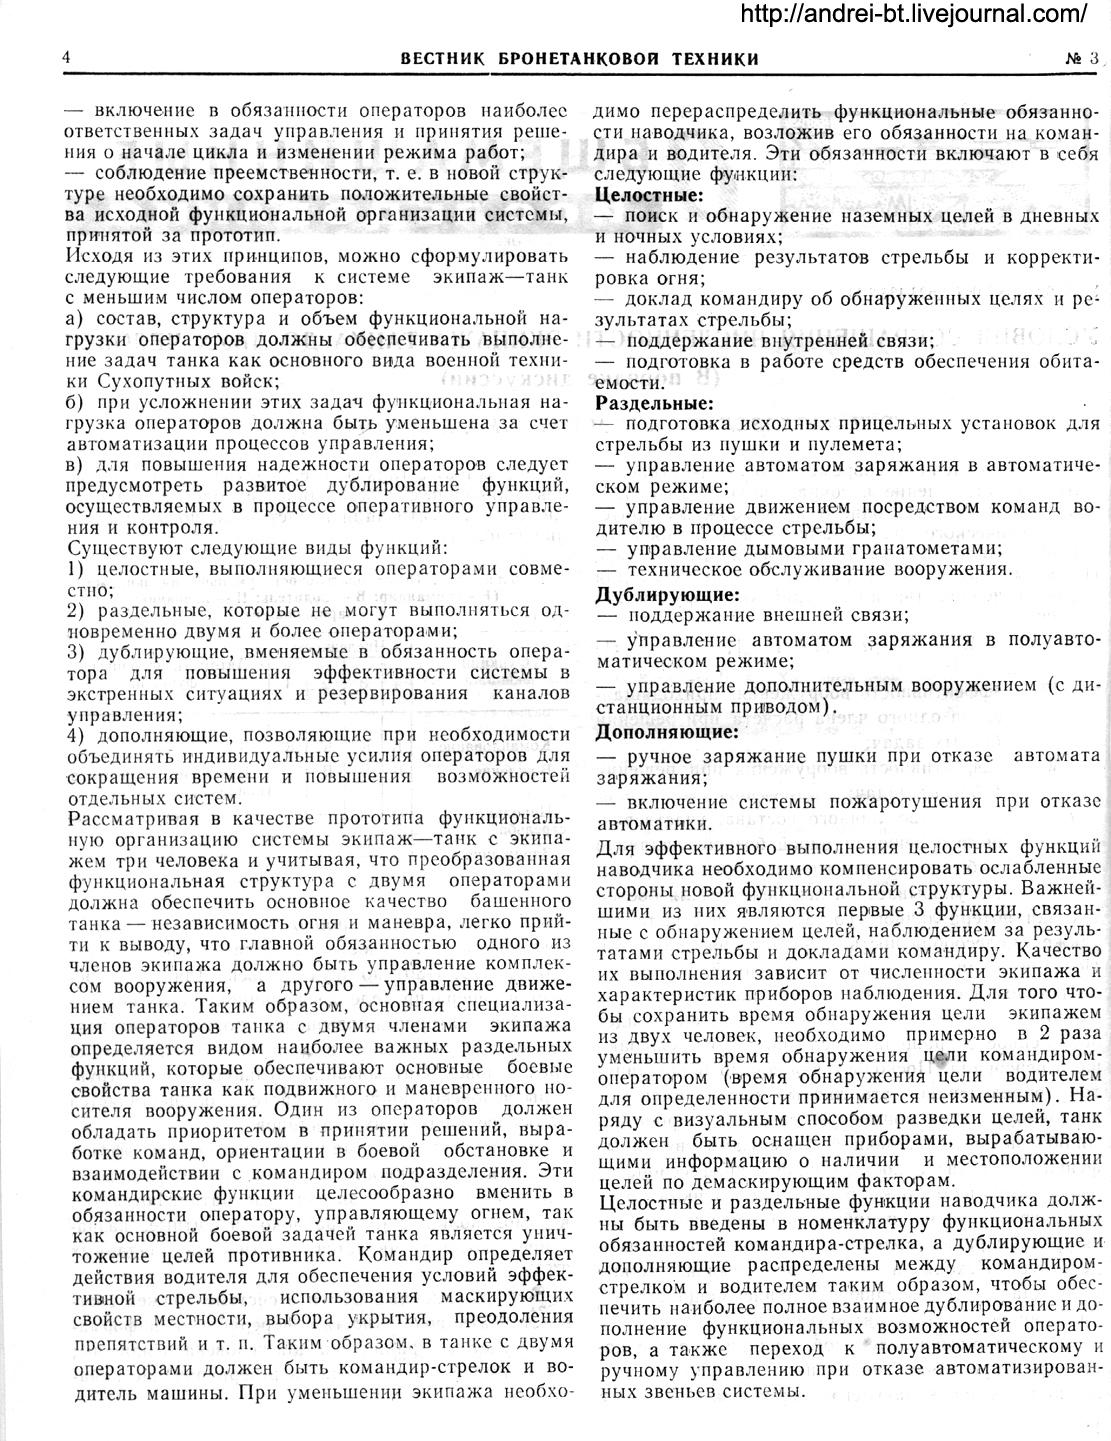 http://ic.pics.livejournal.com/andrei_bt/18425682/317736/317736_original.jpg